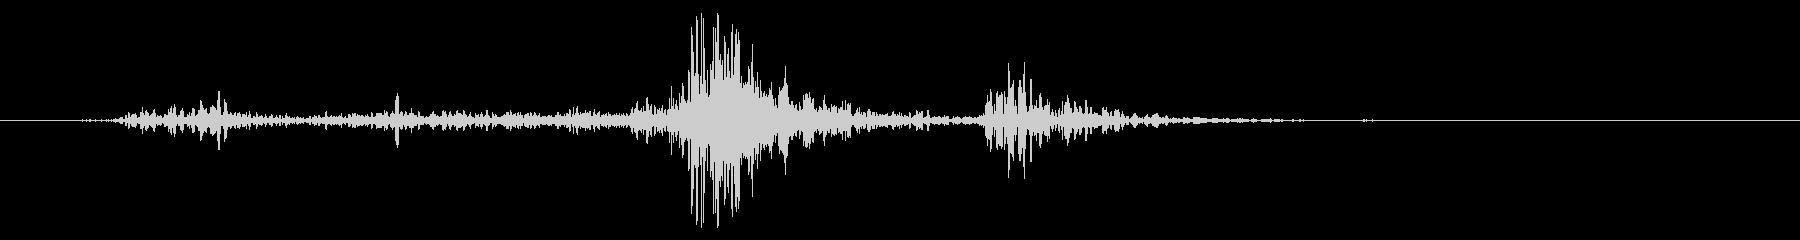 ラージファブリック:フラッピングウーシュの未再生の波形